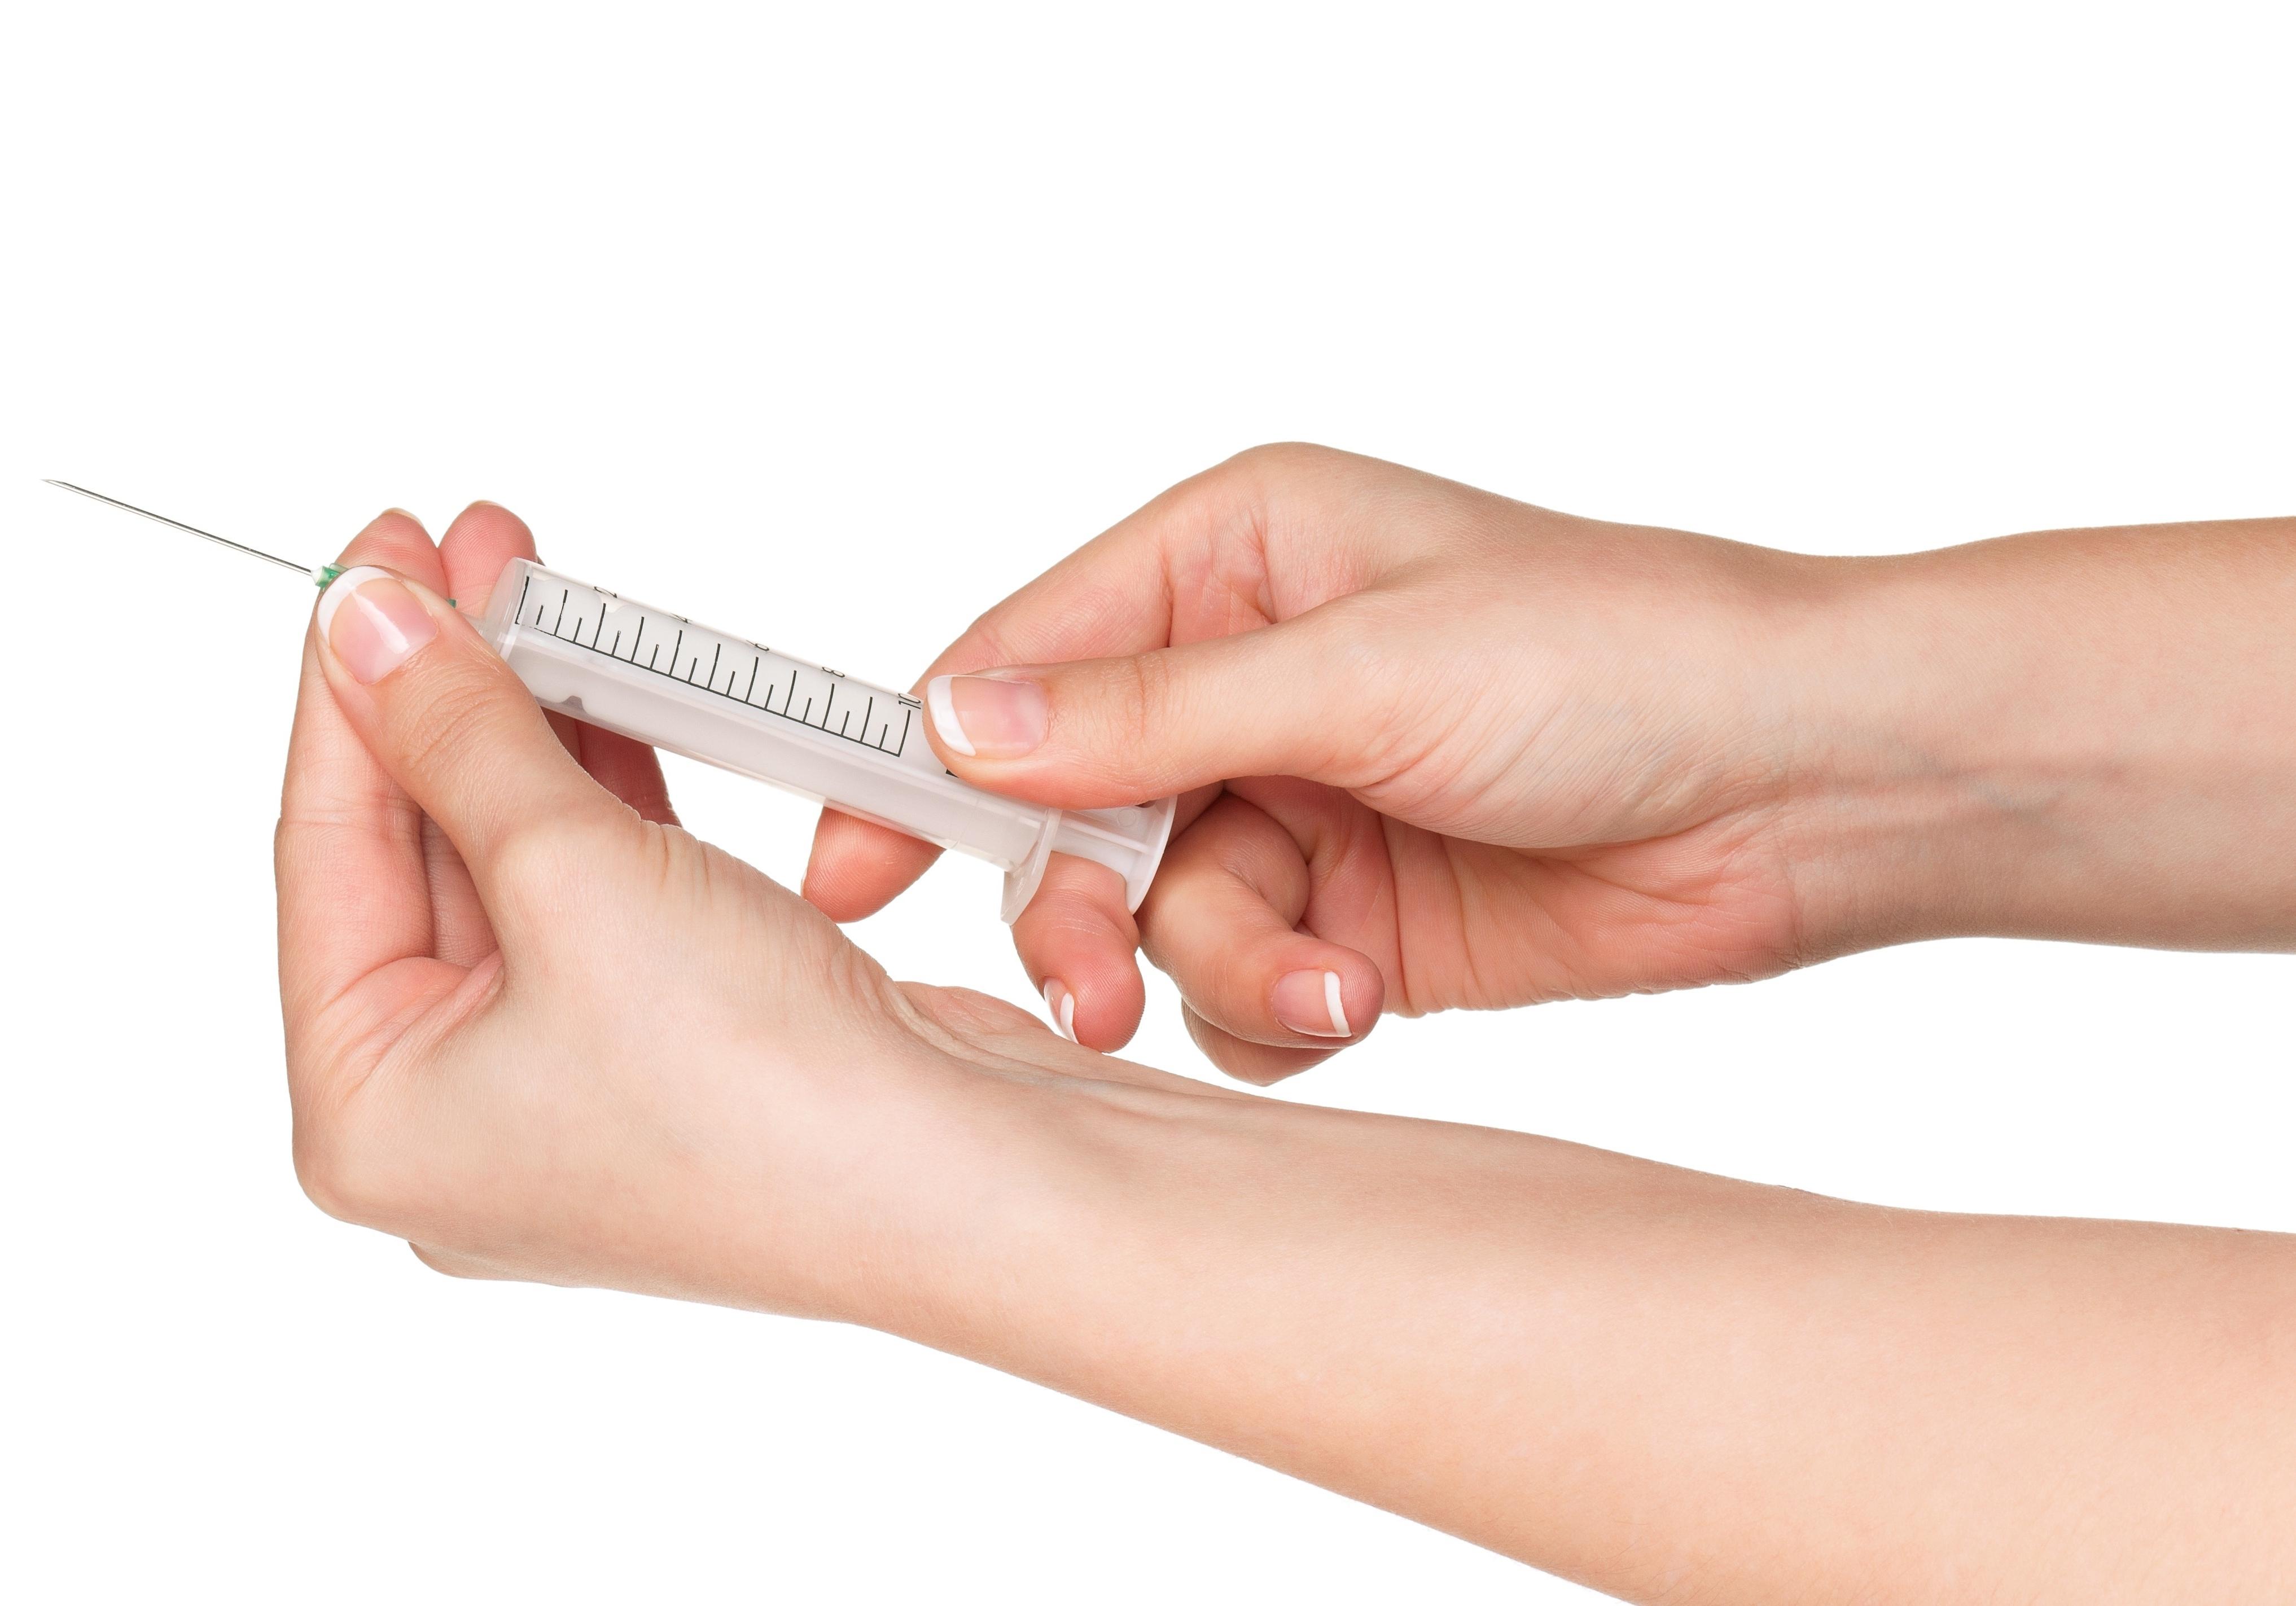 いろいろな方法として女性ホルモン注射はあり?